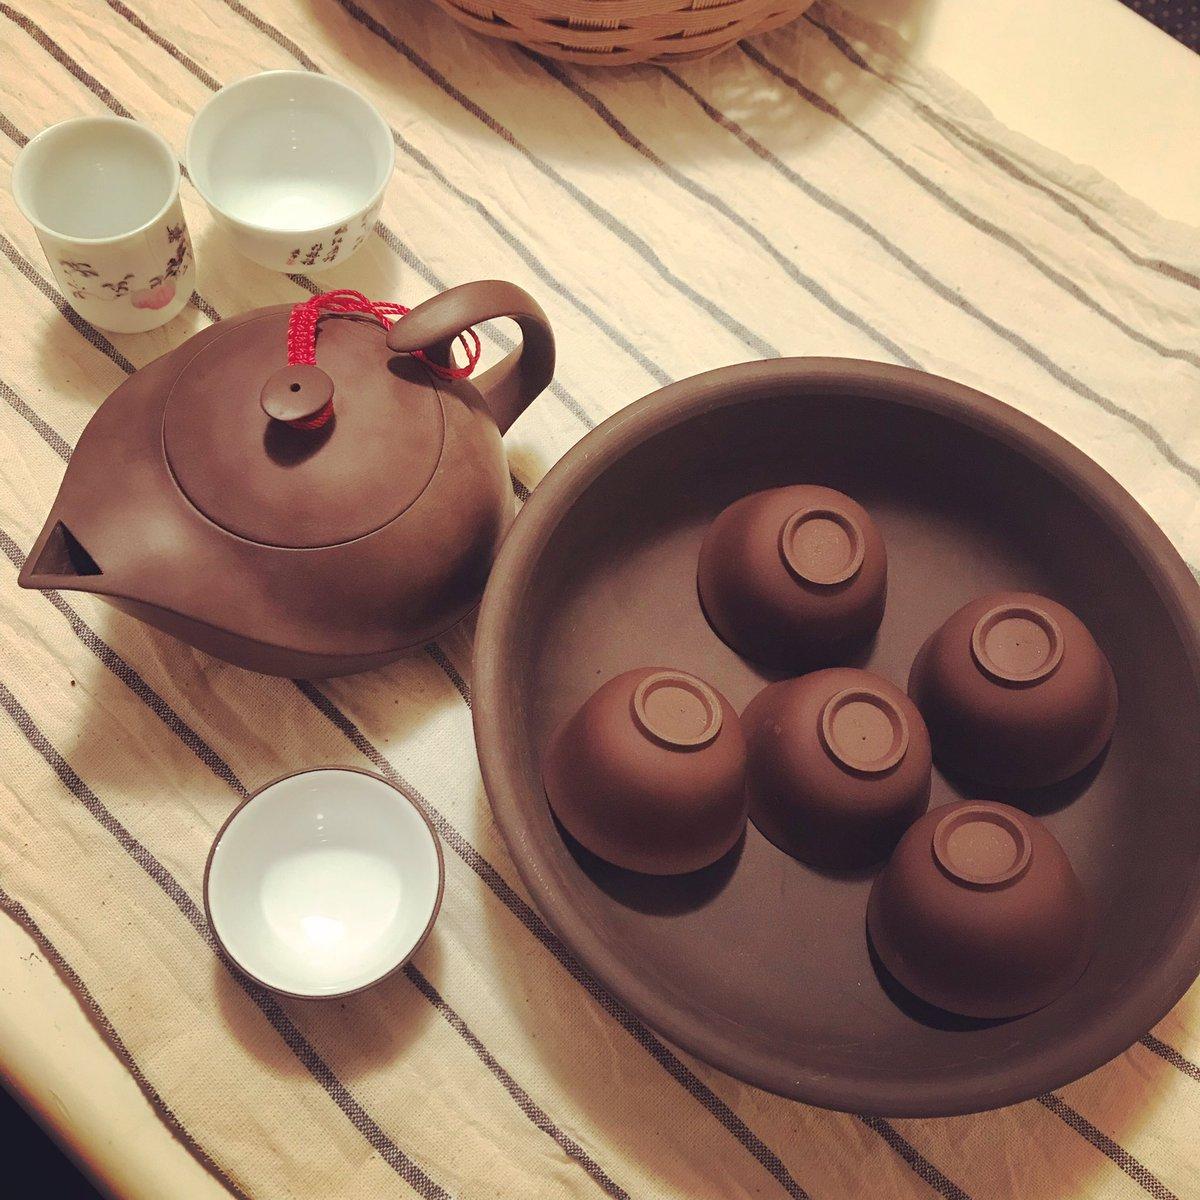 台湾の茶道的な、淹れ方々さの作法があってそれが興味深いというか、ただのパフォーマンスと見せかけて実は理にかなってる合理的な淹れ方なのがホント面白くて好き∈(◉□◉)∋ 下のボウルみたいなやつの上で茶瓶くーるくる回すの∈(◉□◉)∋ #台湾 #茶器 #お茶 #作法 https://t.co/XzP5RQ6Vg5